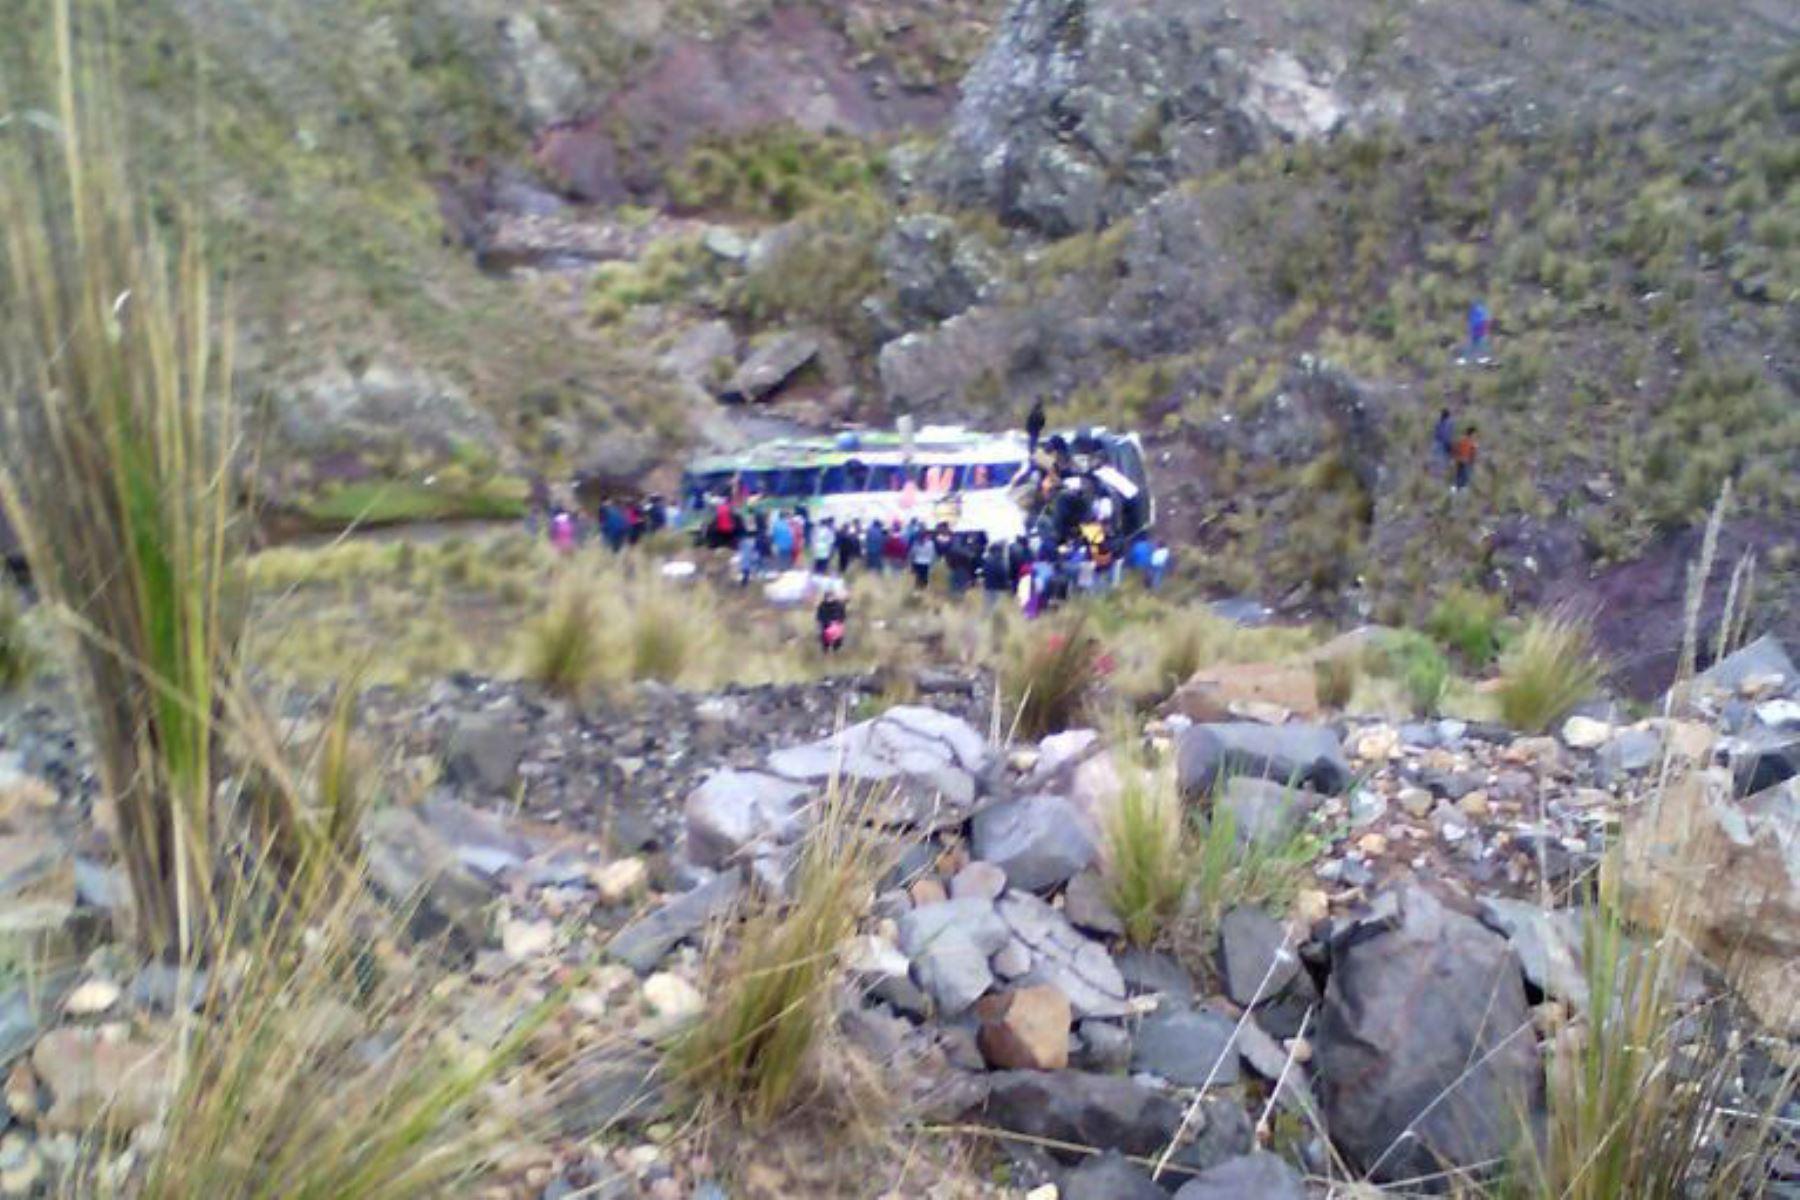 Caída de bus deja 7 muertos en la ruta Nasca-Puquio. Foto: Facebook/Puquio en Videos